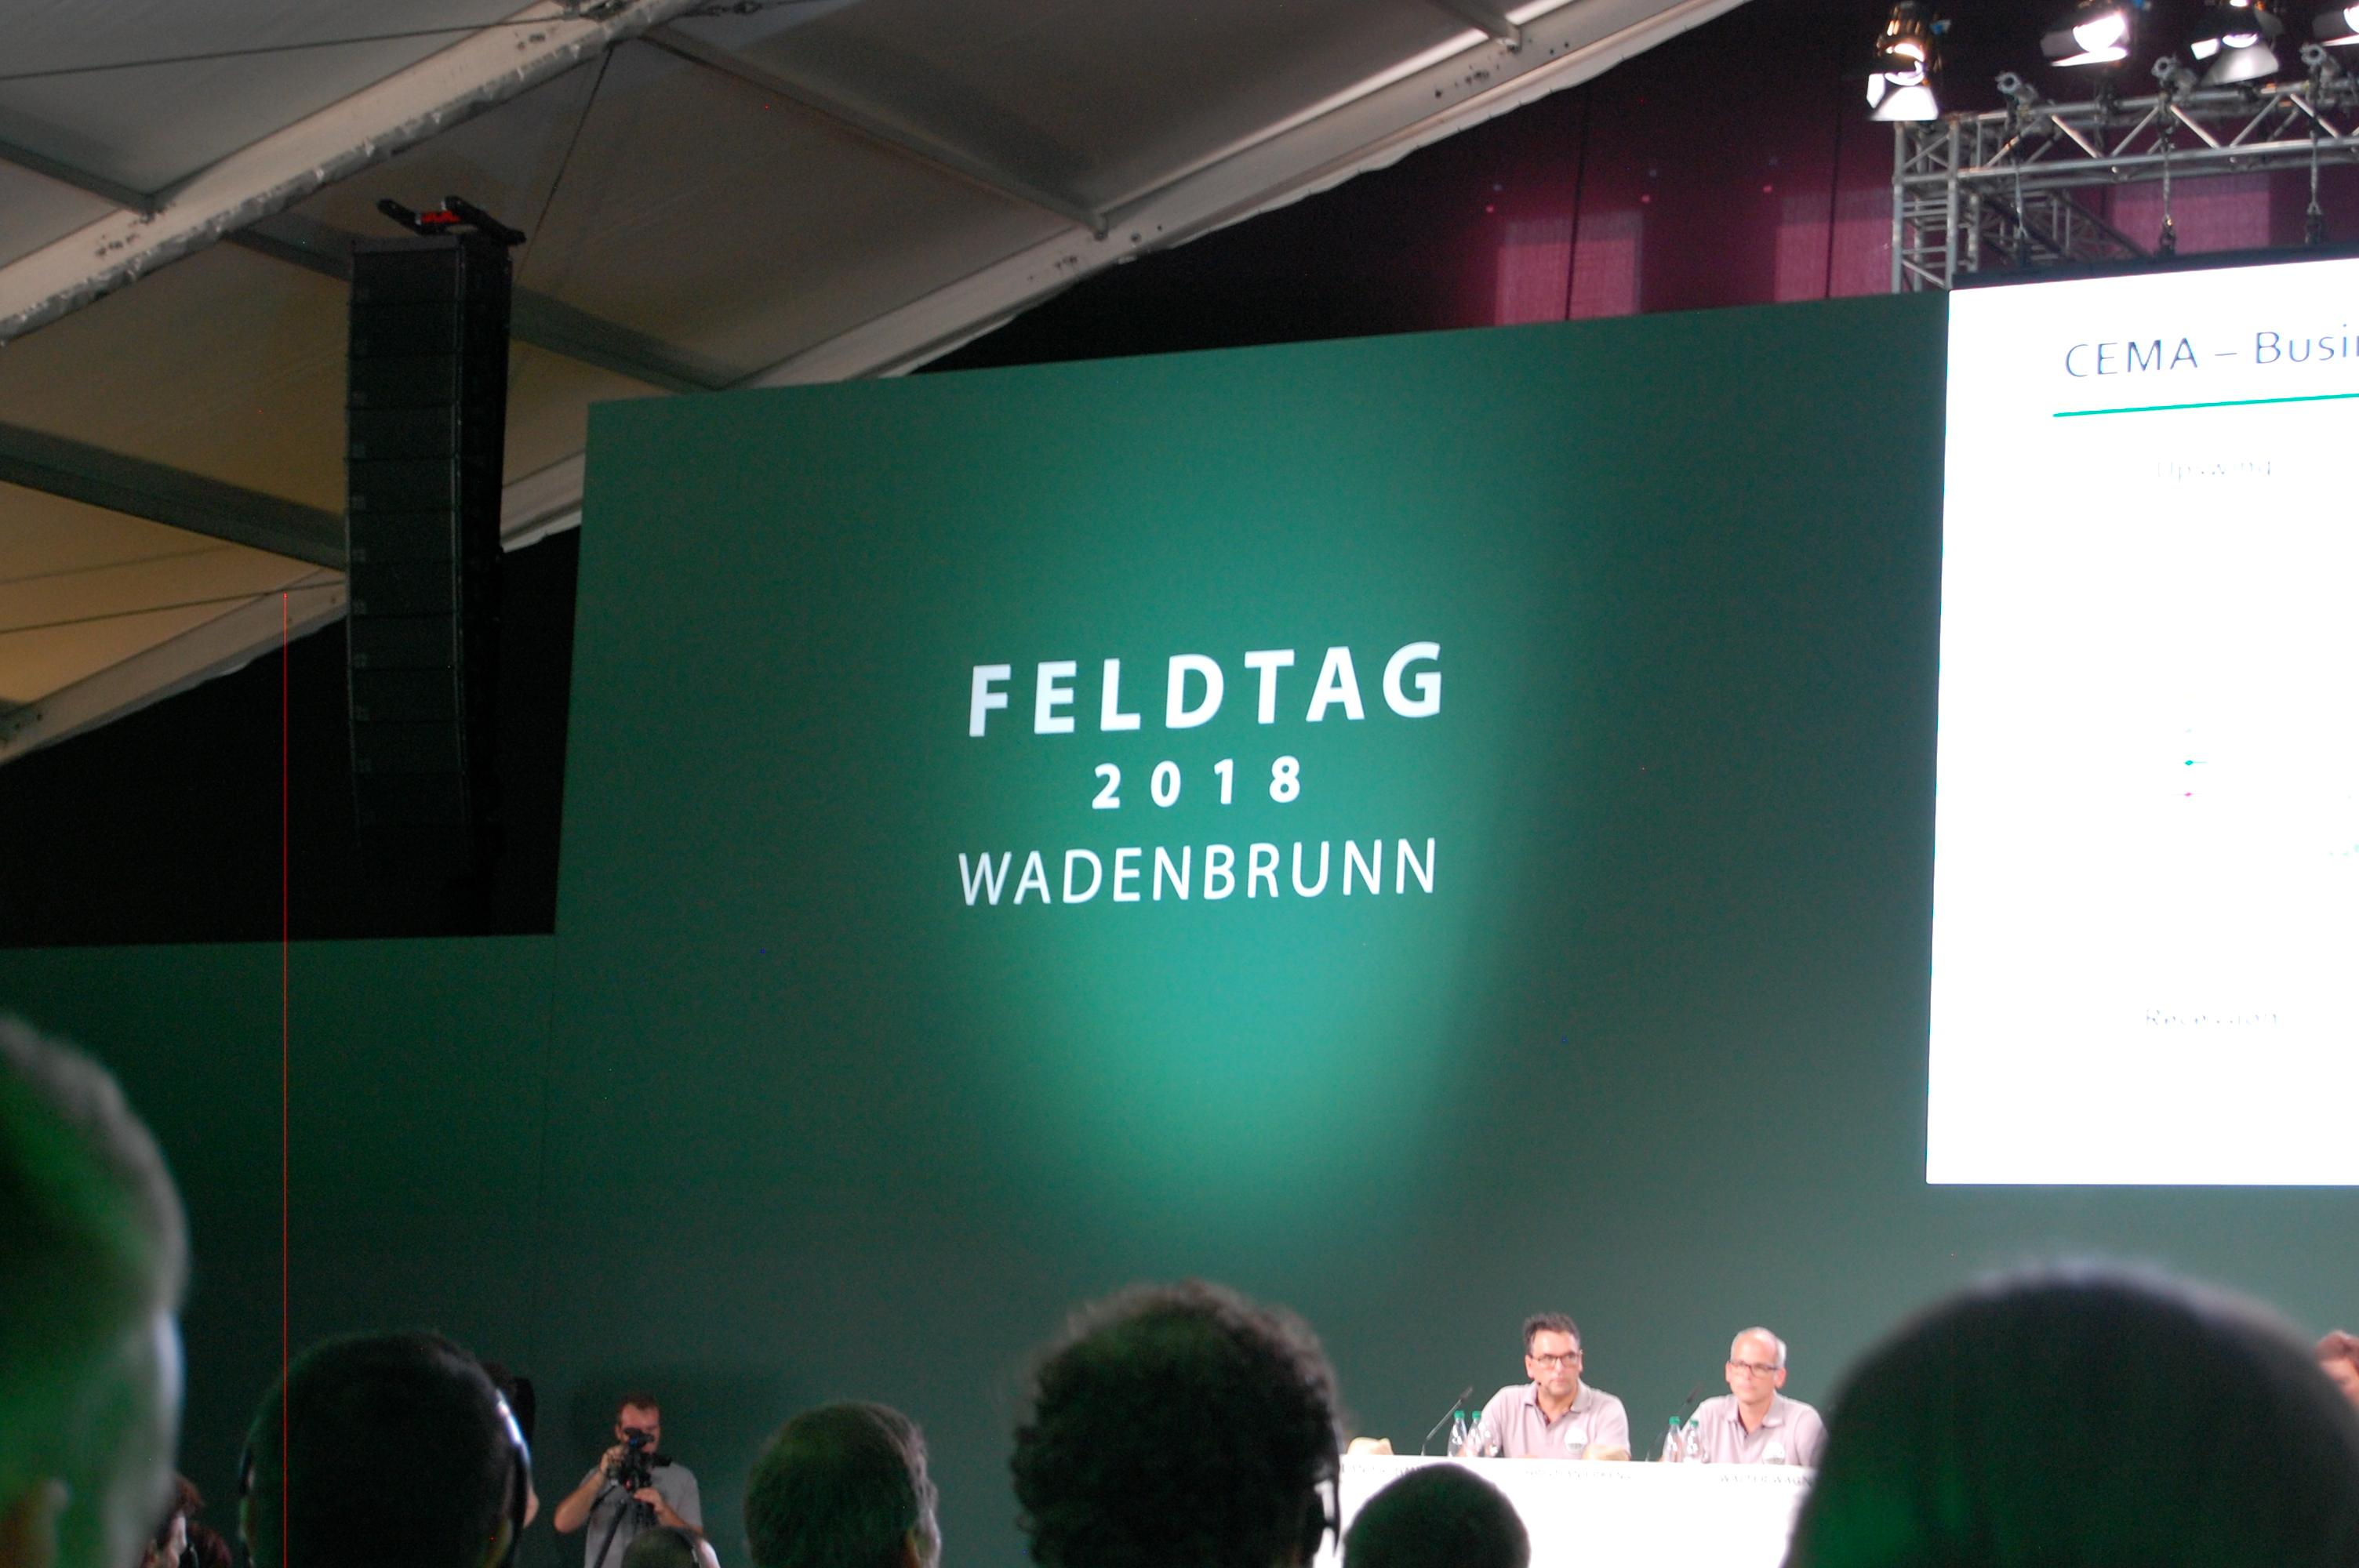 Fendt_Field_Day_Wadenbrunn2018-101